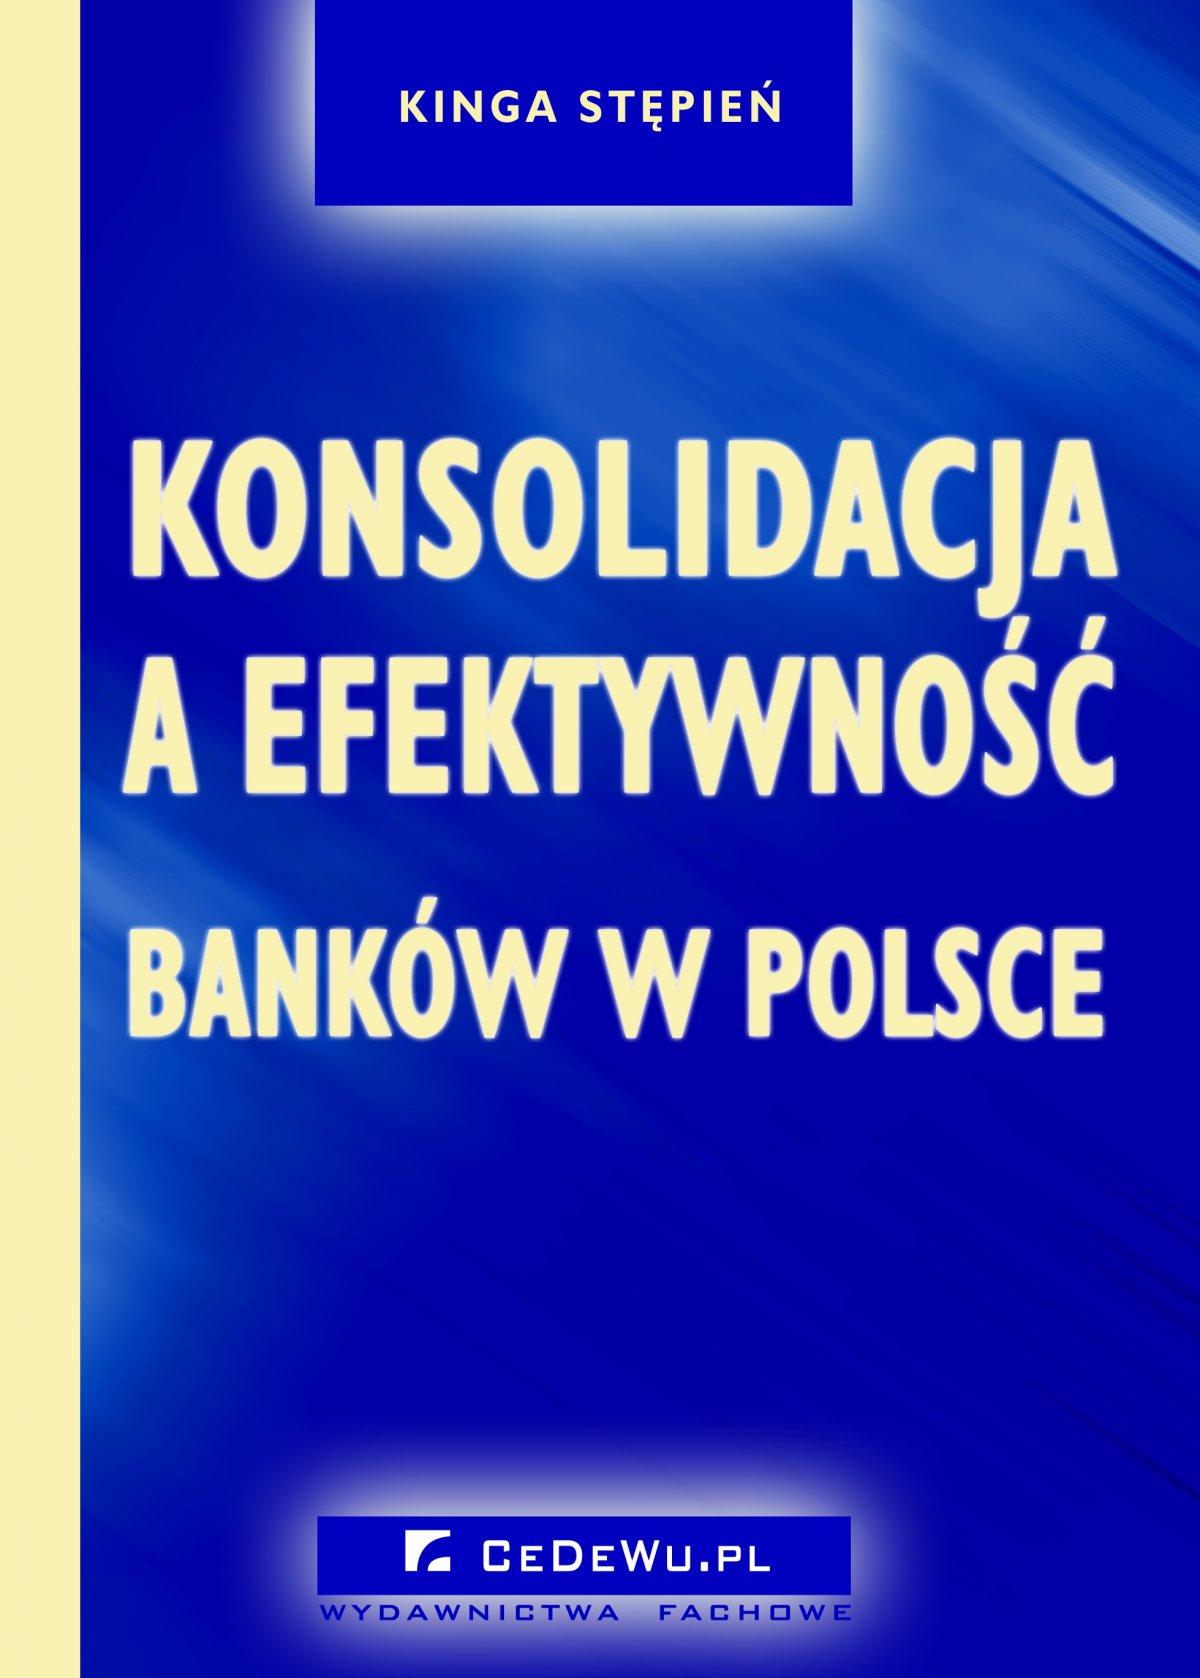 Konsolidacja a efektywność banków w Polsce. Rozdział 2. KONKURENCJA I KONKURENCYJNOŚĆ W SEKTORZE BANKOWYM - Ebook (Książka PDF) do pobrania w formacie PDF